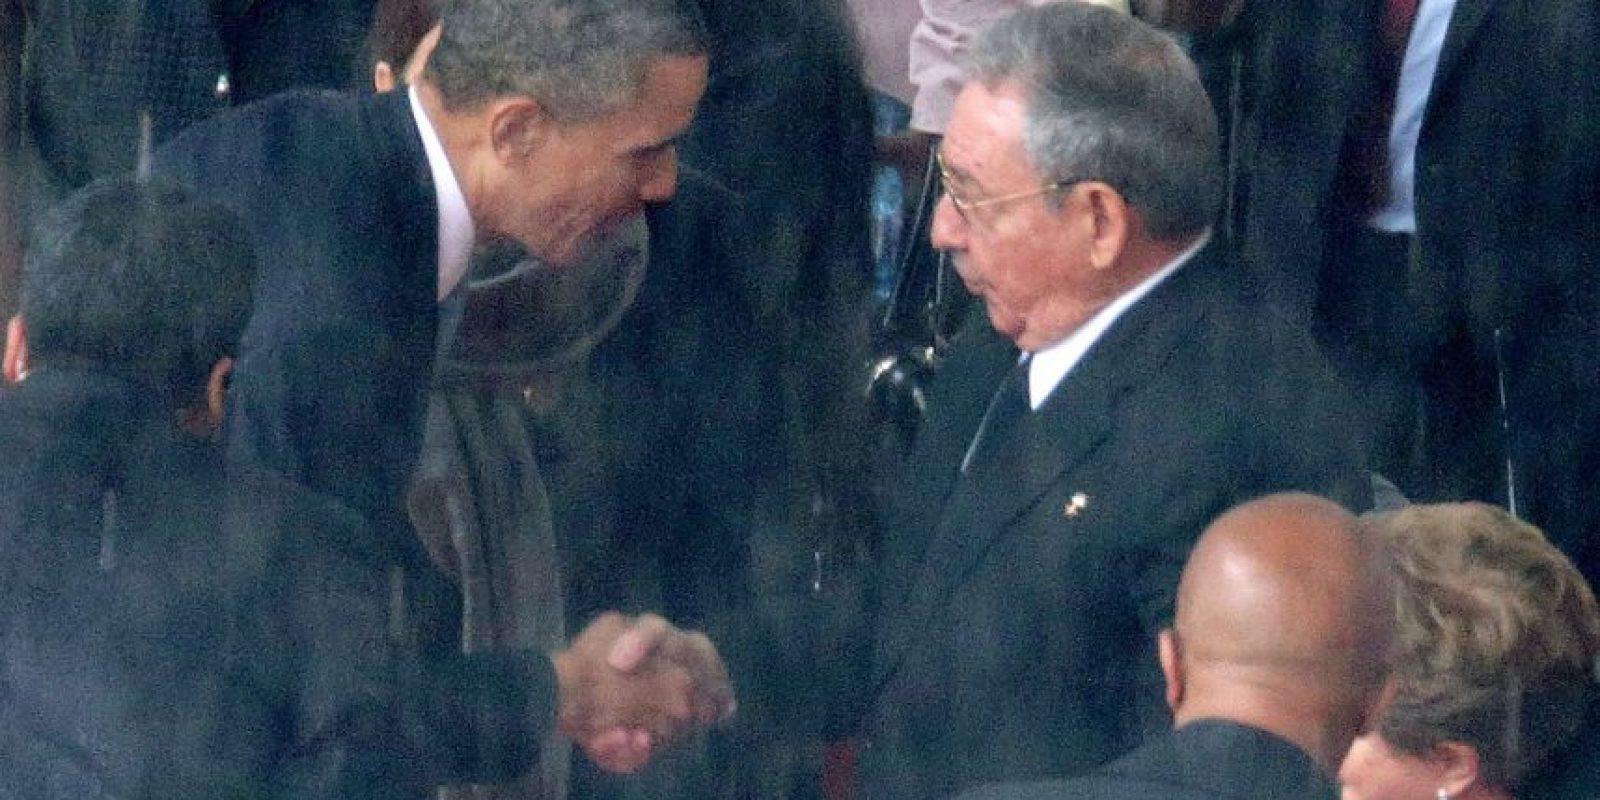 El sábado 11 de abril de 2015, El presidente estadounidense Barack Obama y el mandatario cubano Raúl Castro tuvieron una histórica reunión bilateral, en Panamá. Foto:Getty Images